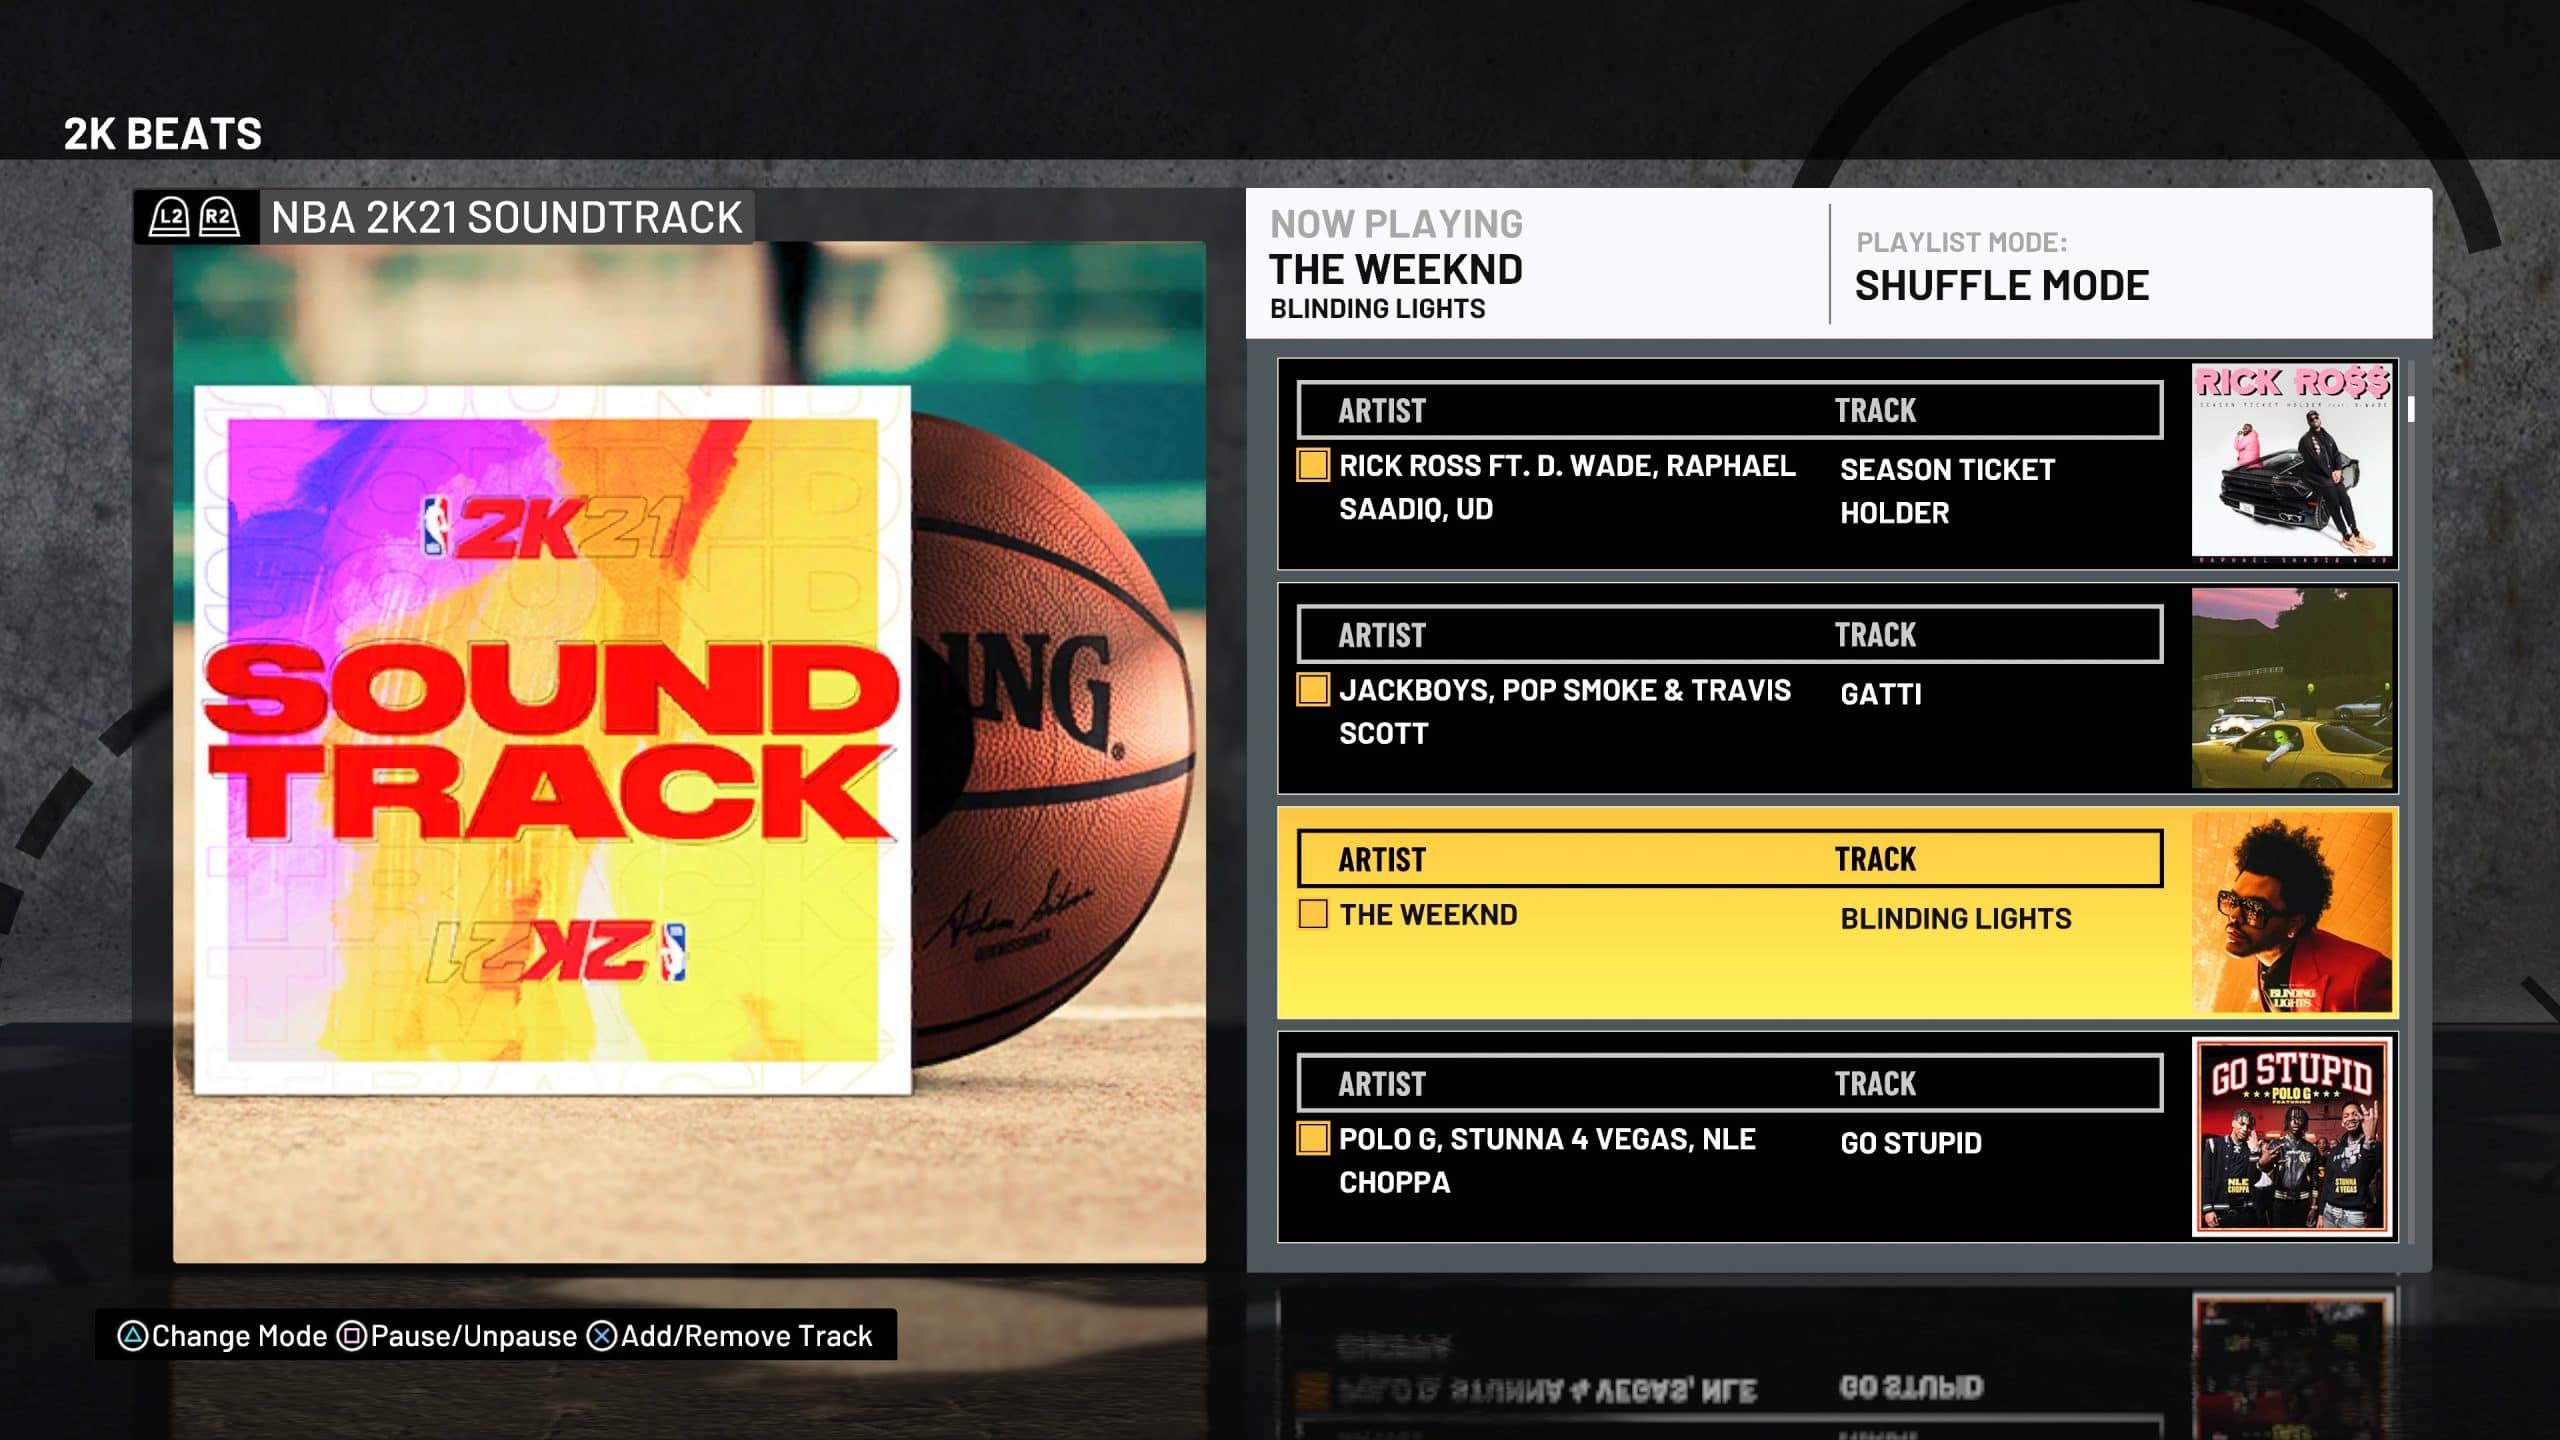 Trilha sonora de NBA 2K21 é incrível, como de costume